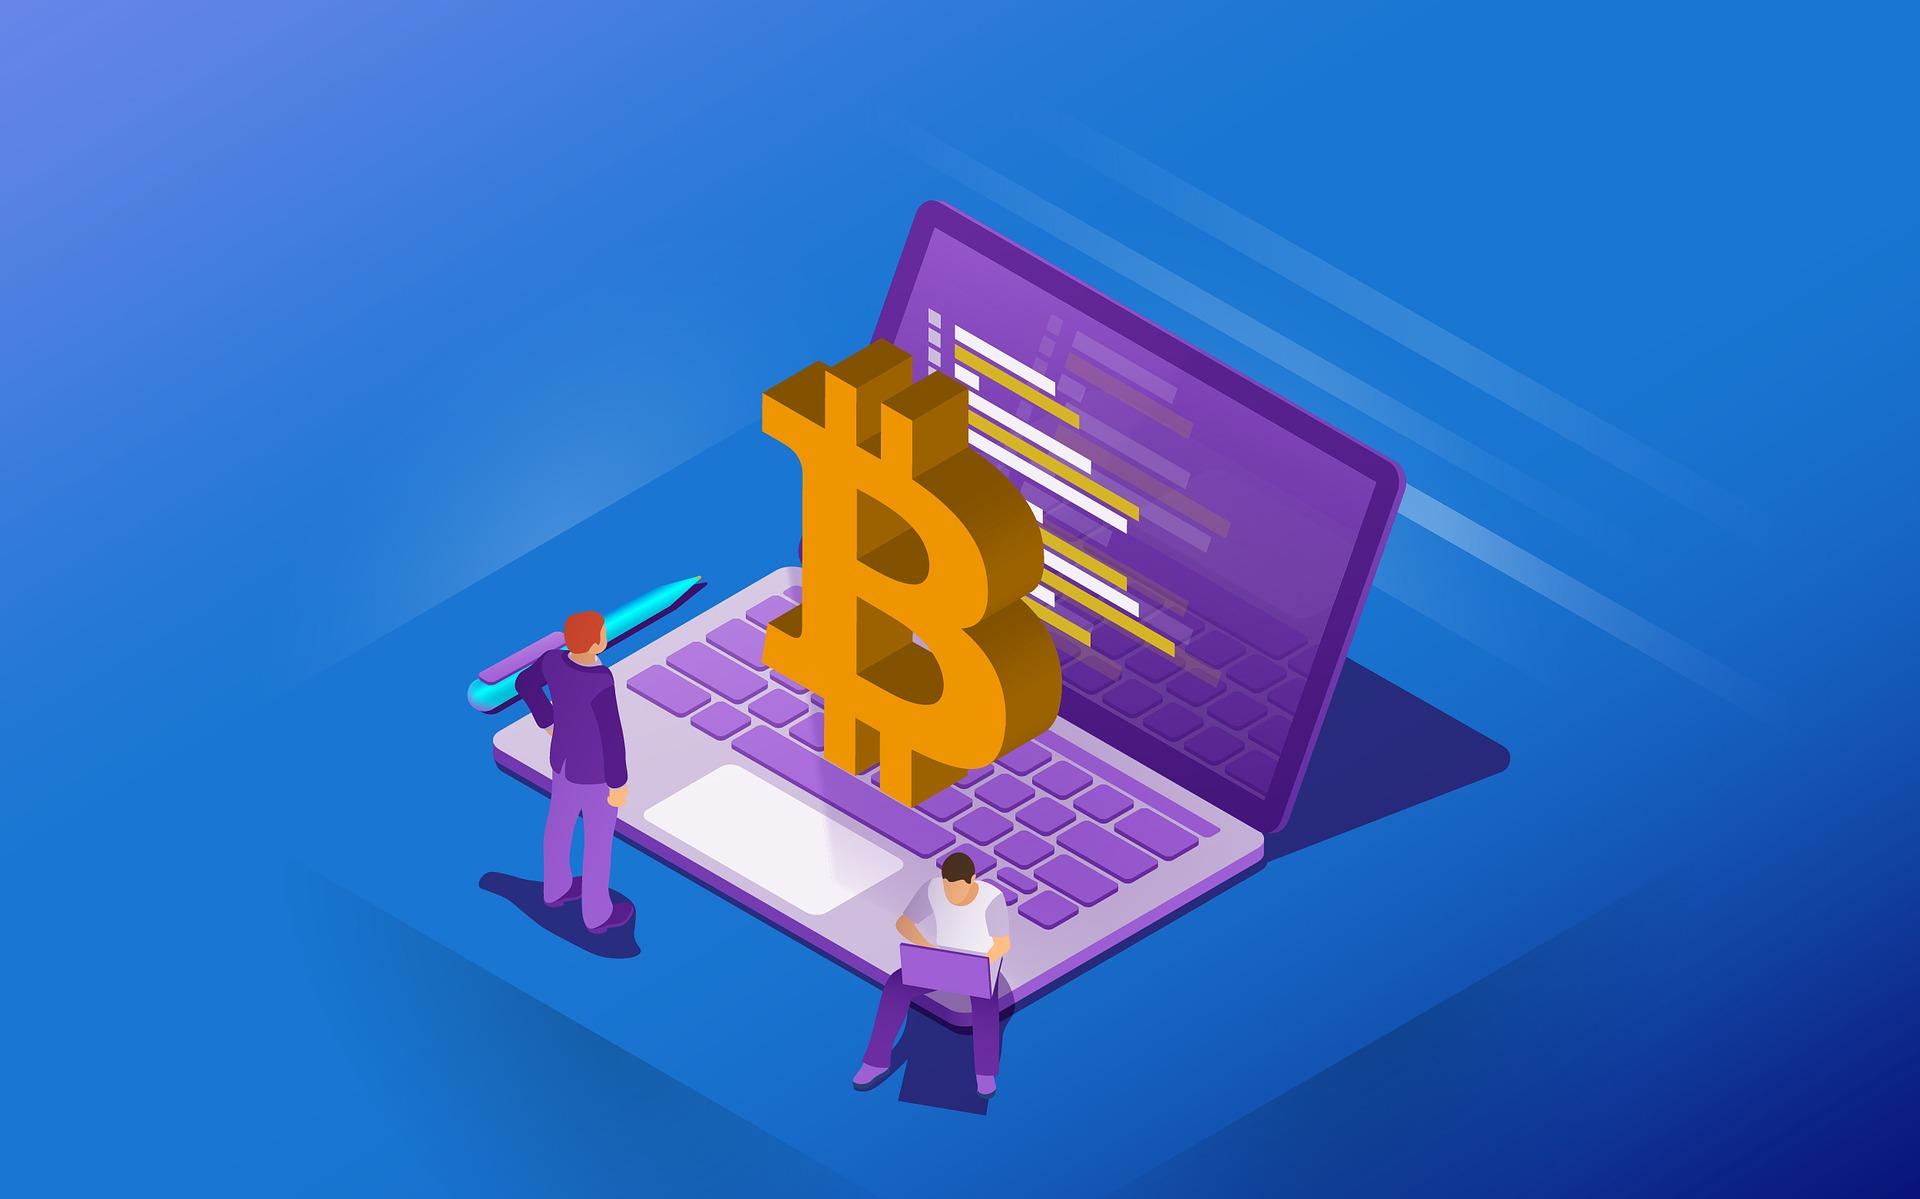 bitcoin co to jest i jak działa Kryptowaluta co to Bitcoin jak zacząć Bitcoin opinie Co to jest Bitcoin